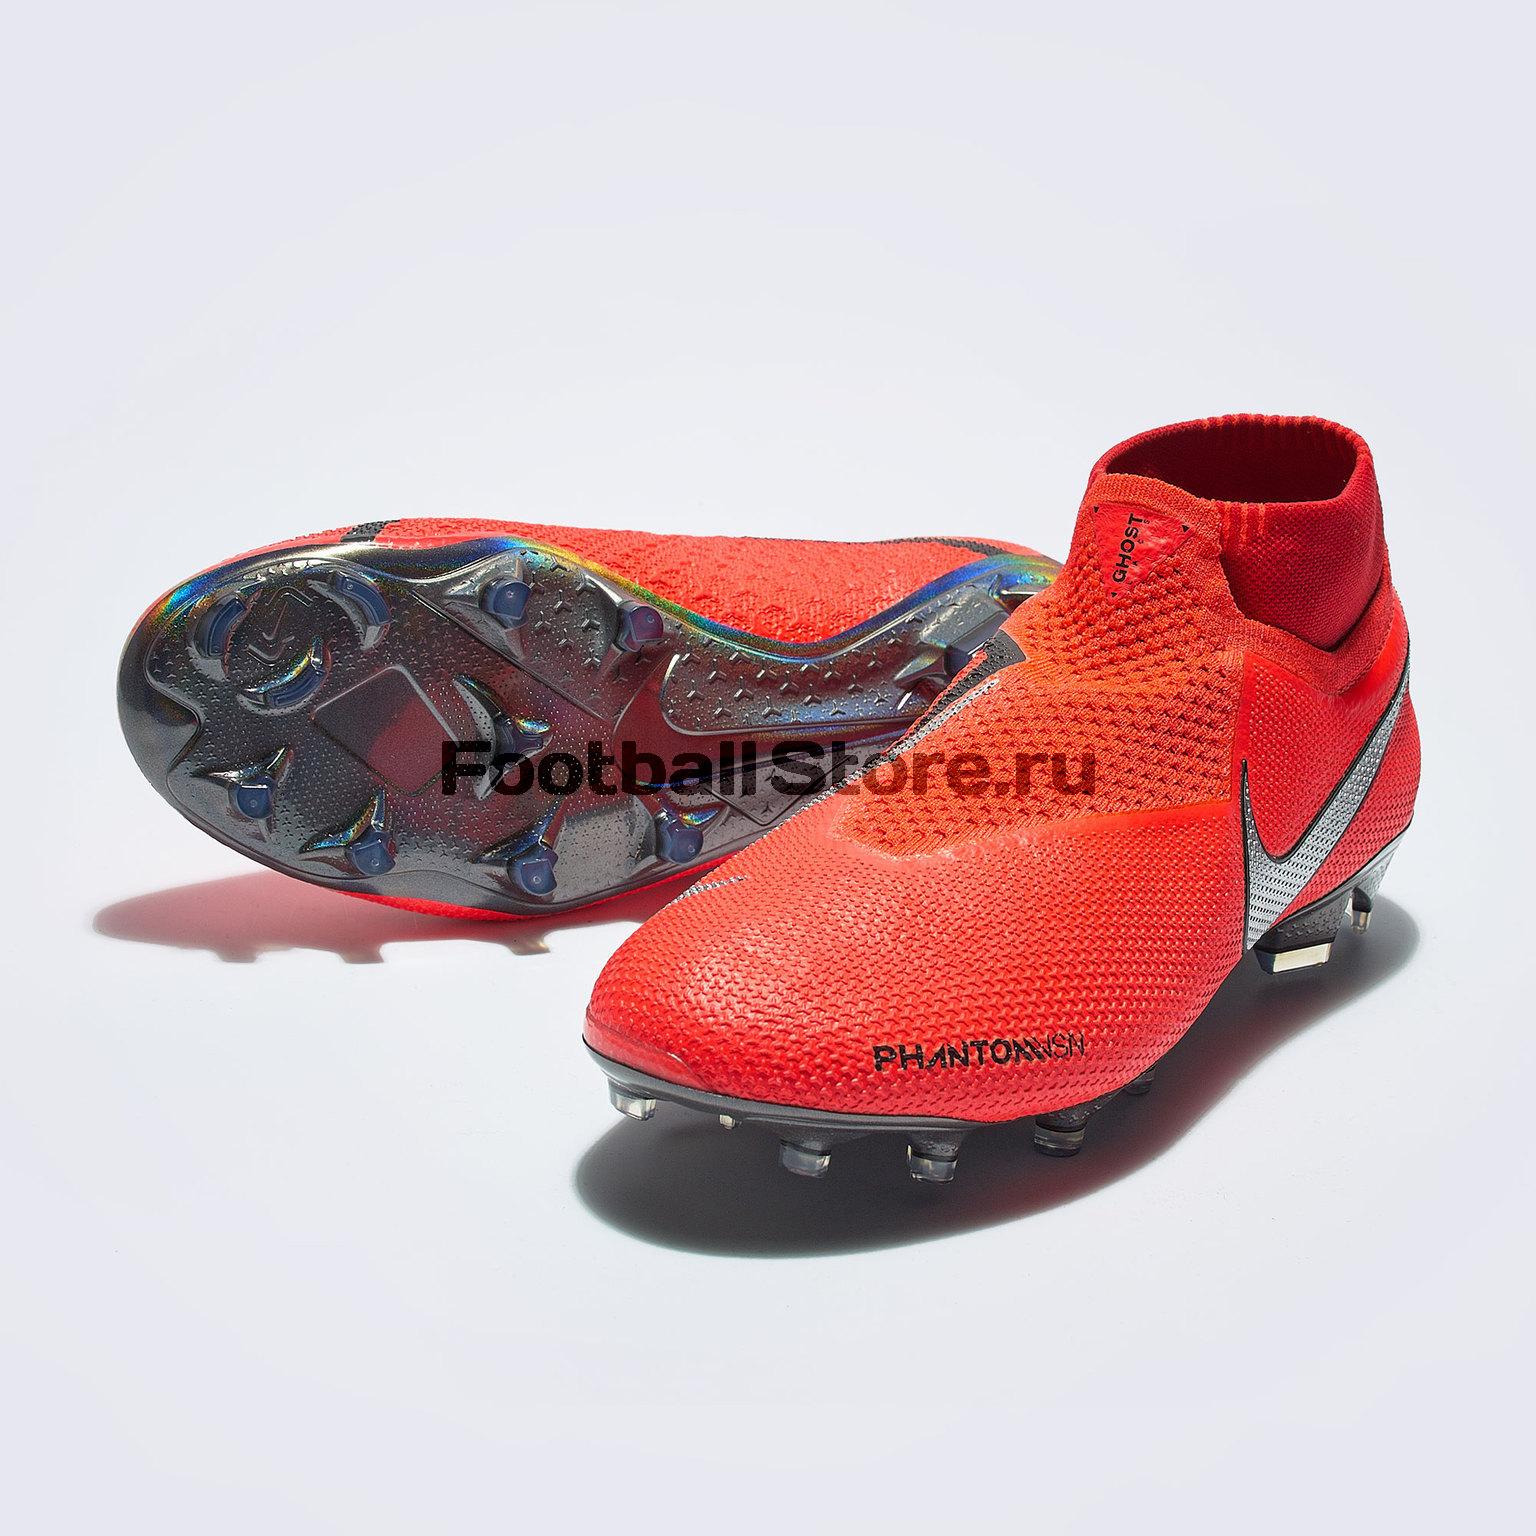 Бутсы Nike Phantom Vision Elite DF FG AO3262-600 бутсы nike phantom vision elite df ag pro ao3261 606